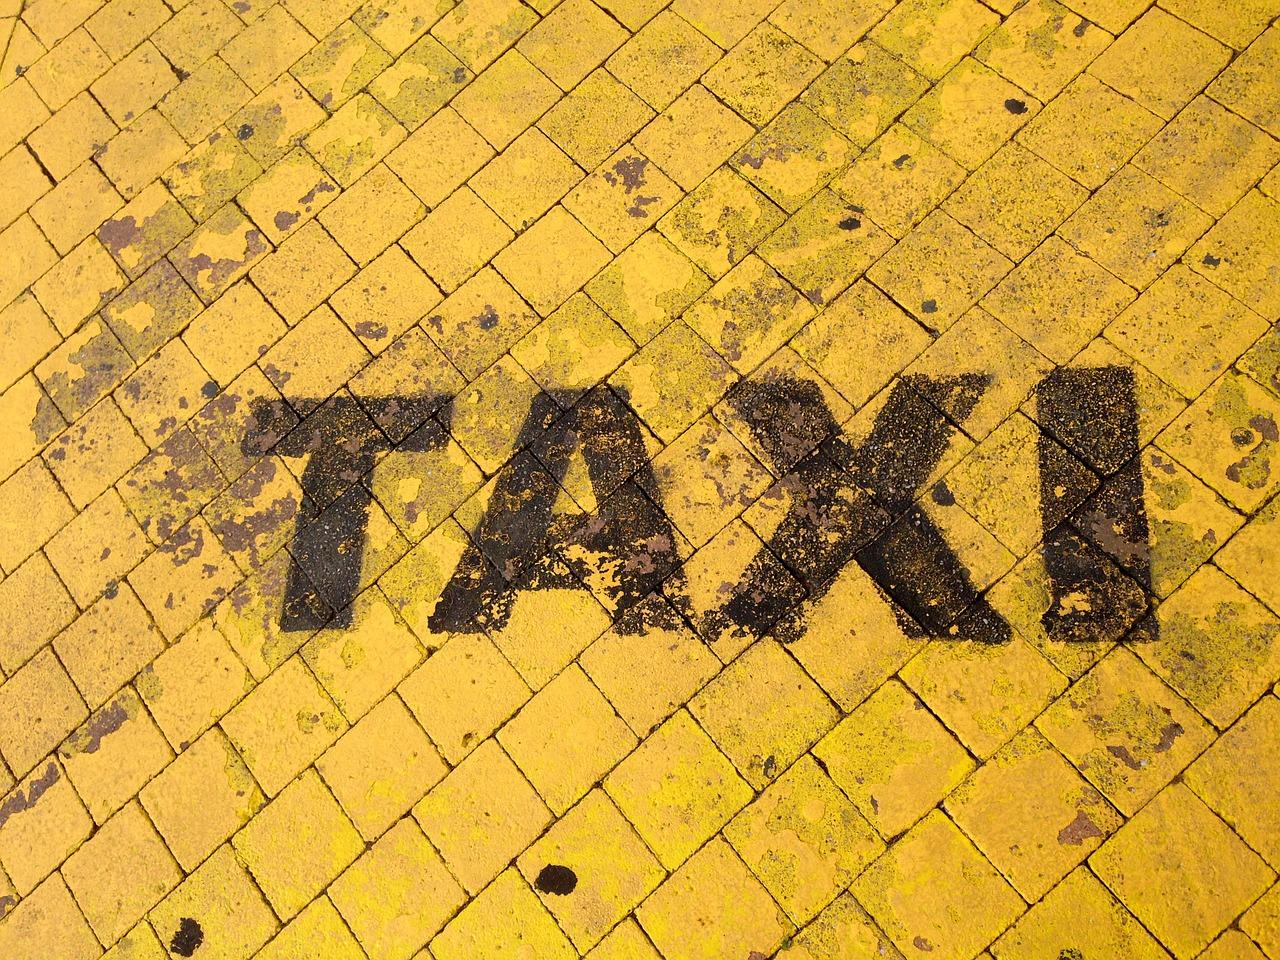 taxi-890110_1280.jpg